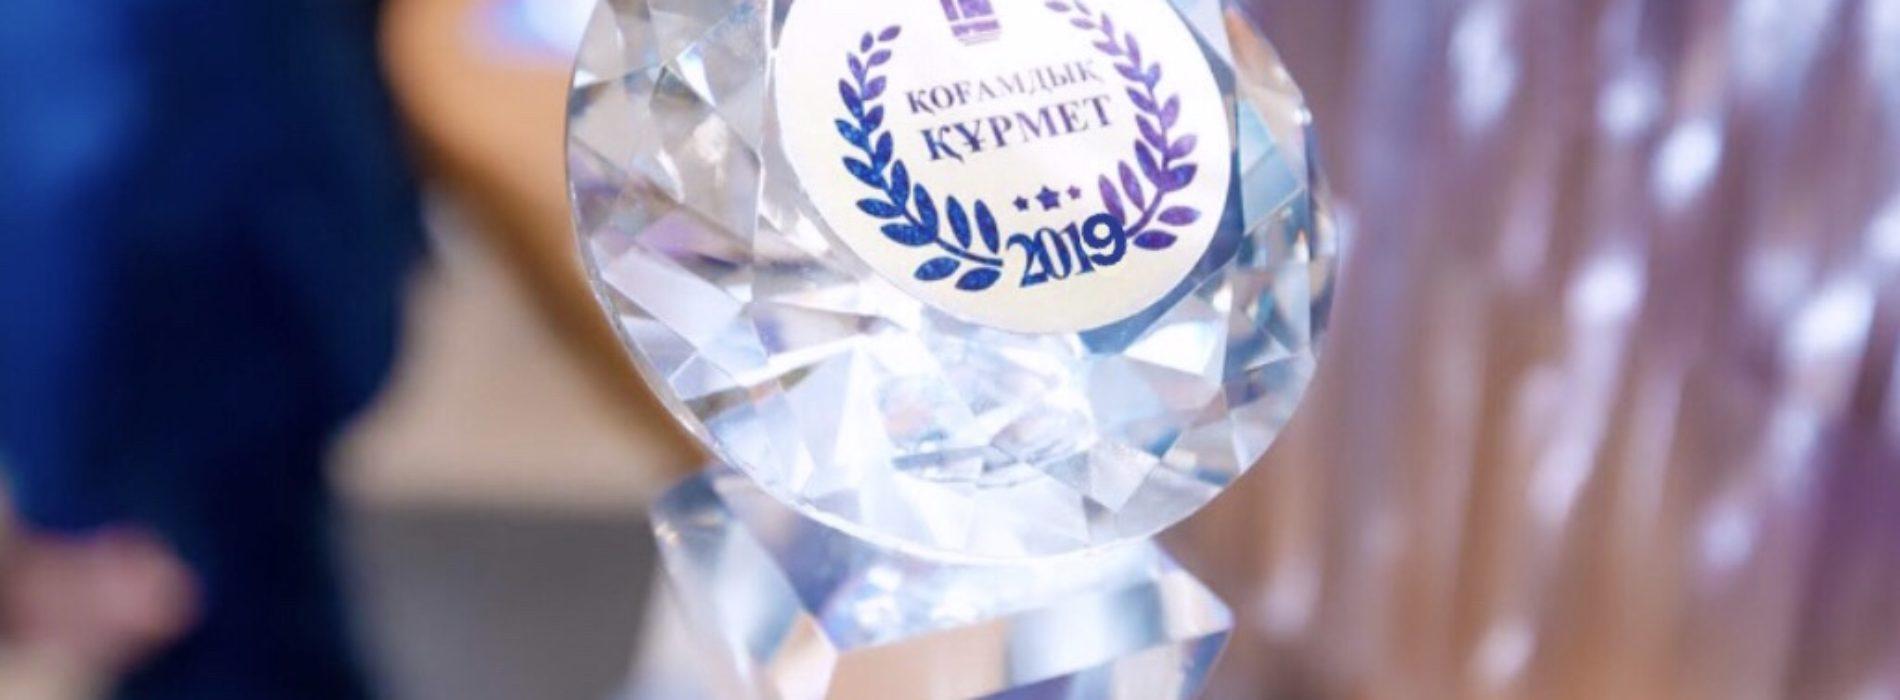 Премия «Адал тұлға» формирует антикоррупционную культуру